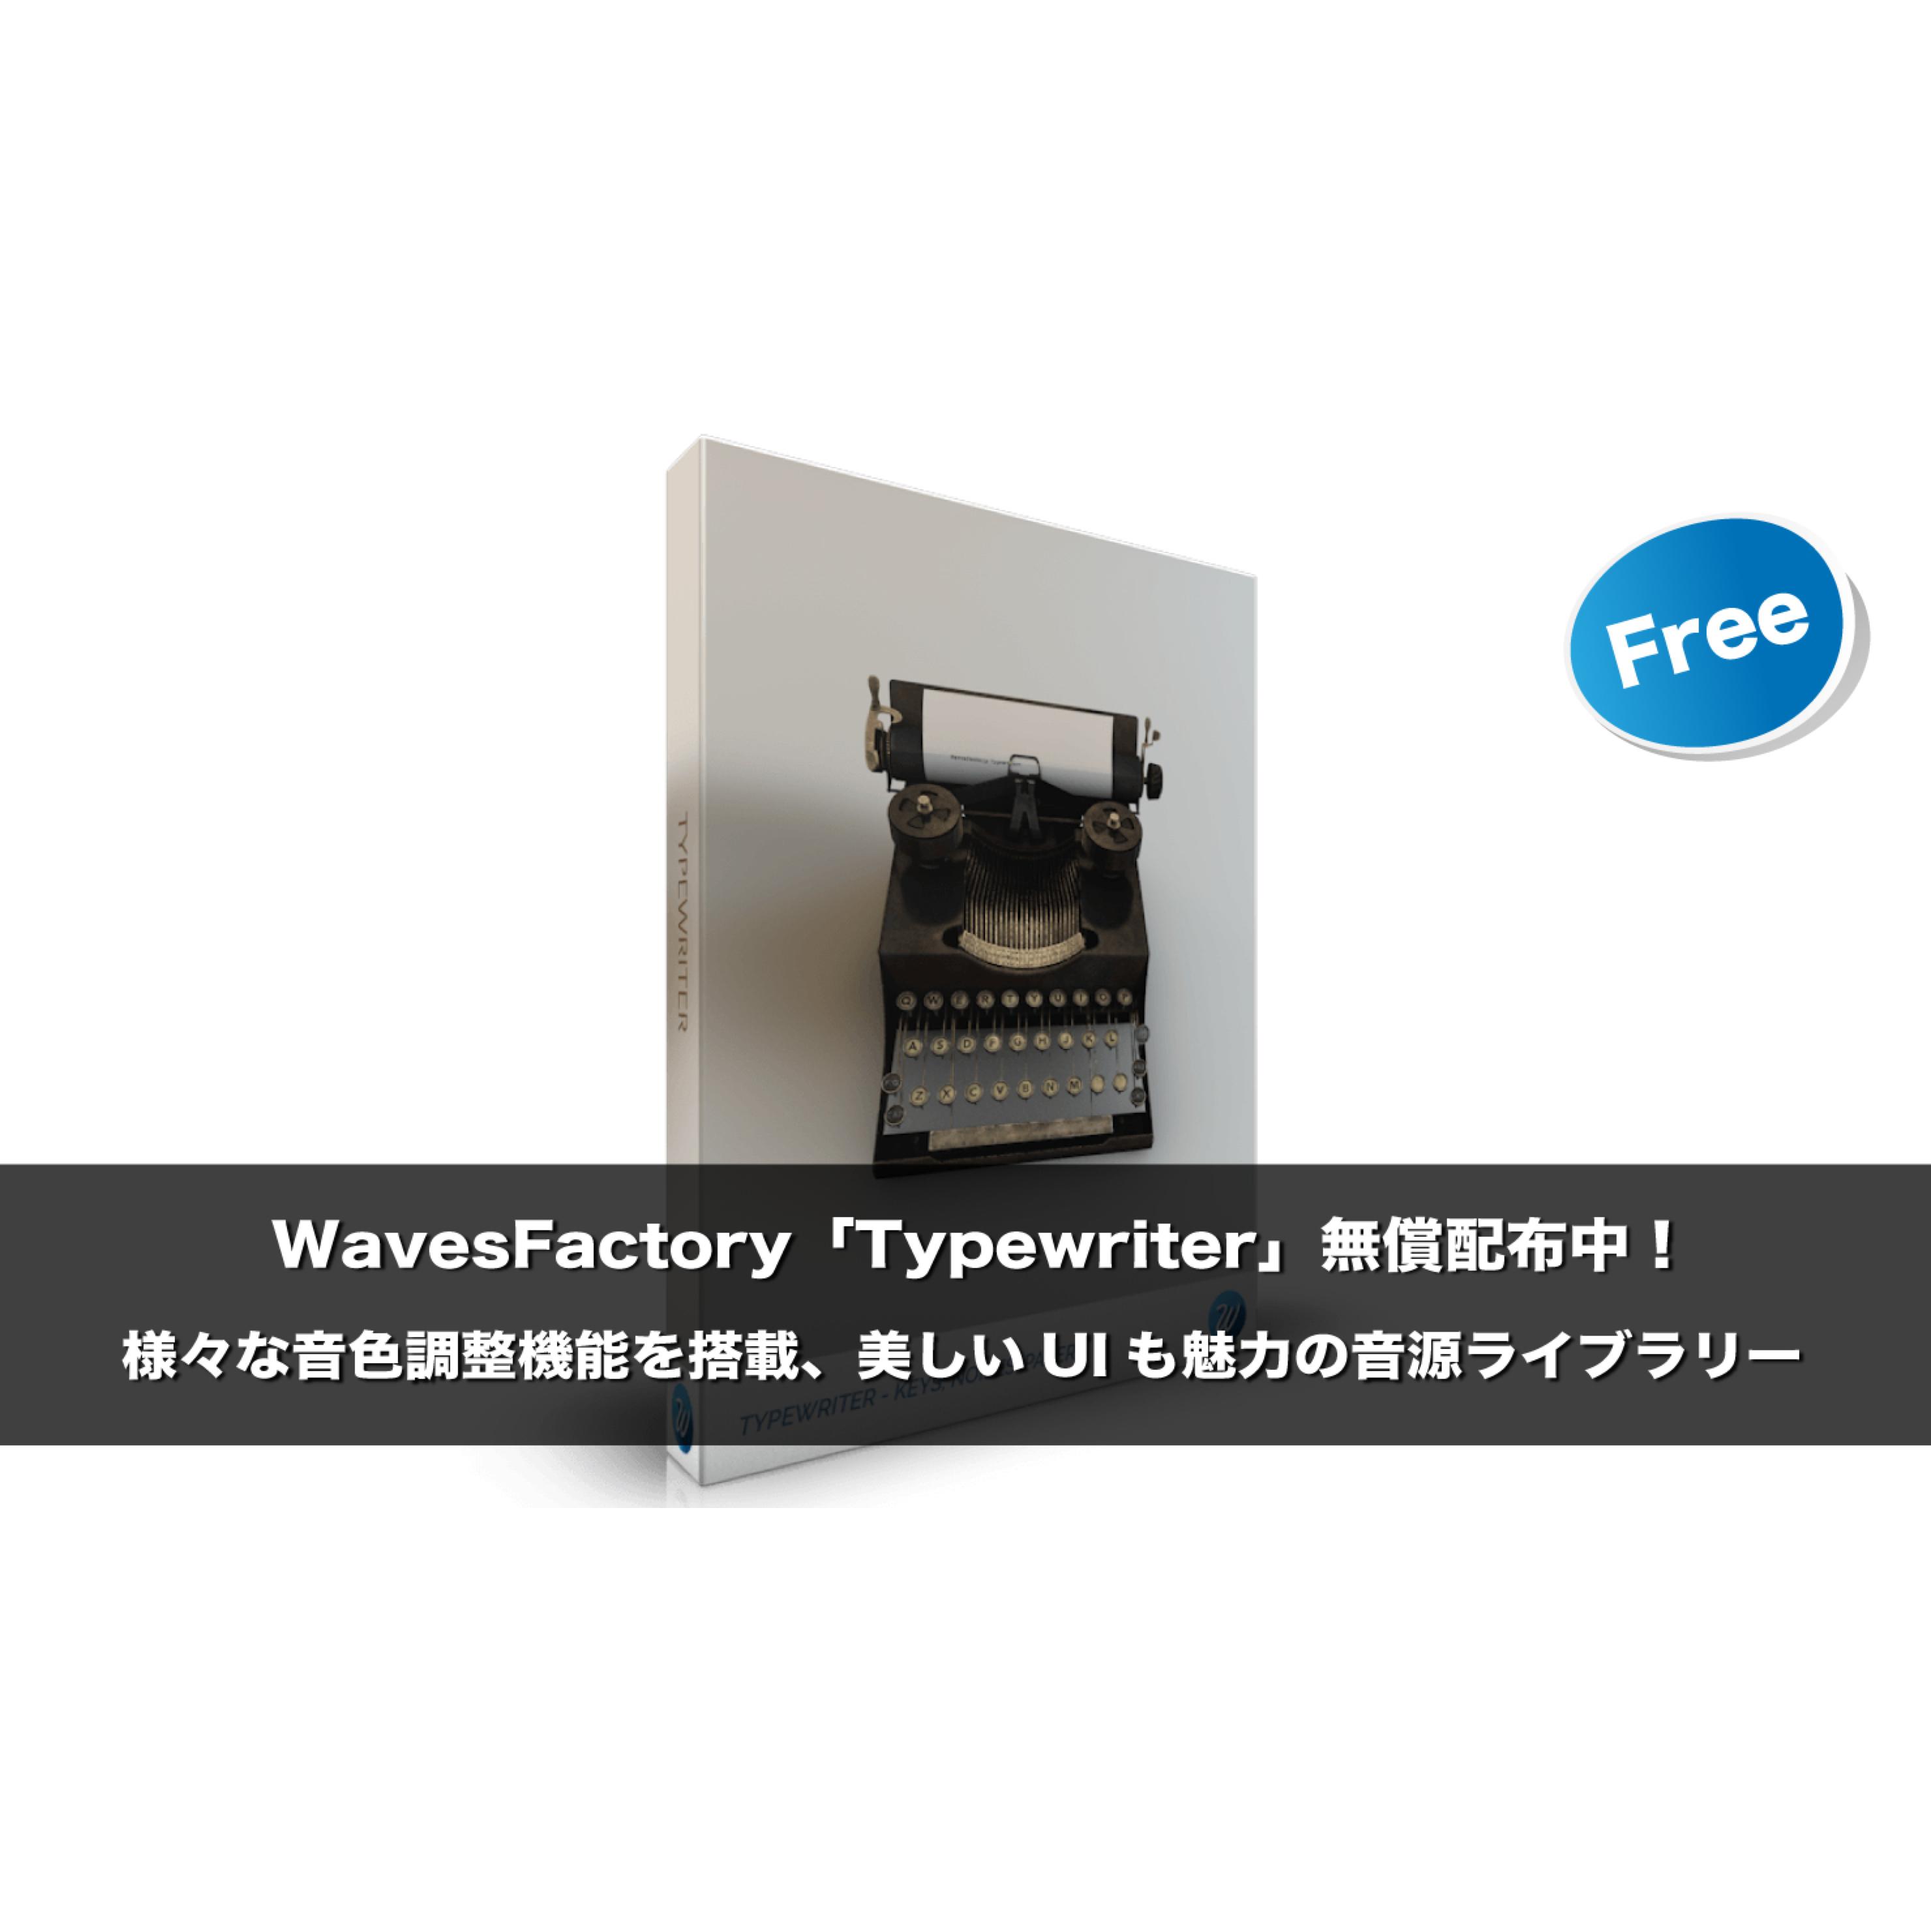 【無料】WavesFactory「Typewriter」無償配布中!高品質タイプライター音源ライブラリ